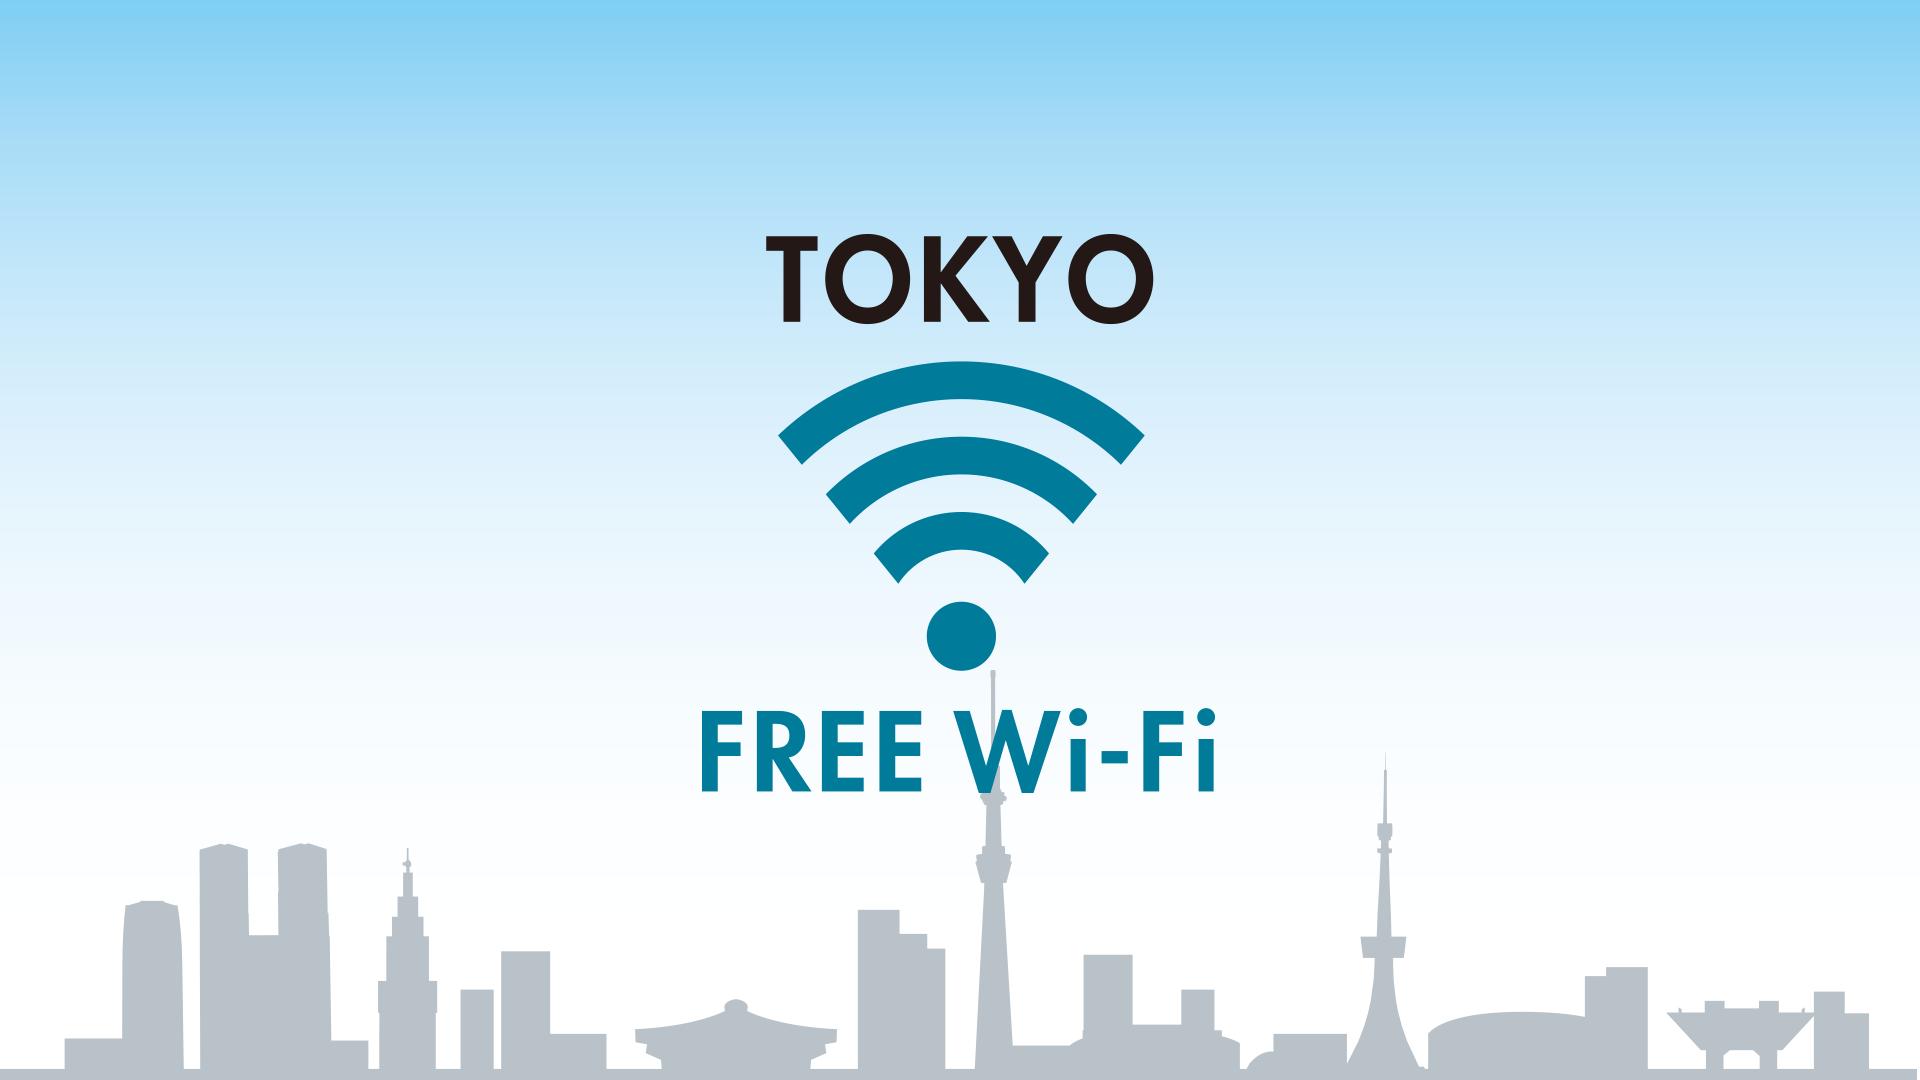 FREE Wi-Fi TOKYO